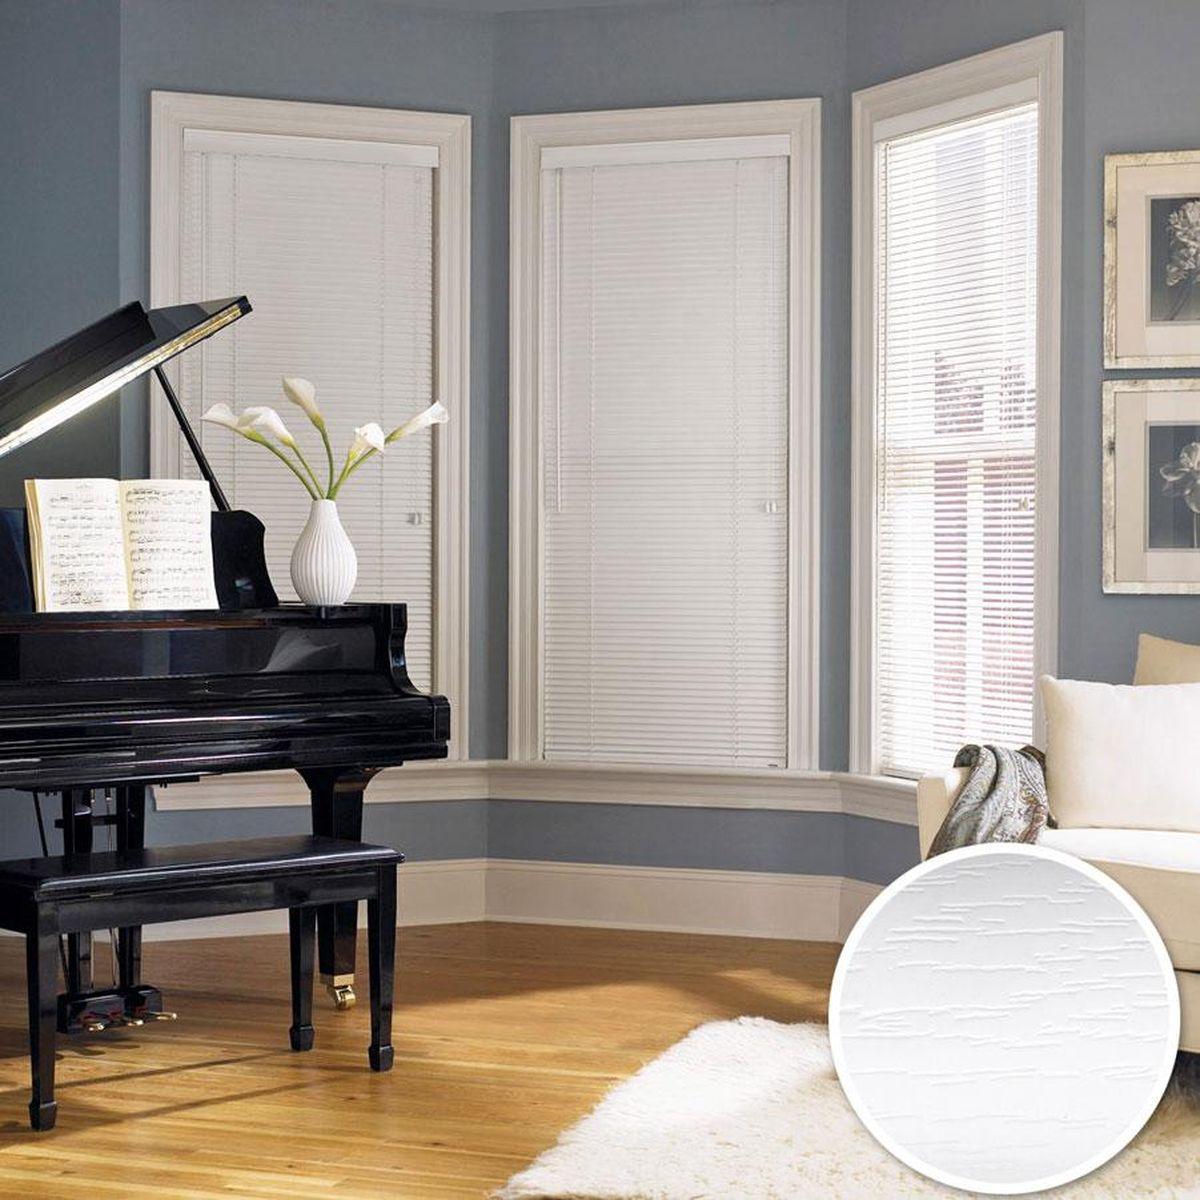 Жалюзи пластиковые 38 мм Эскар, горизонтальные, цвет: белый, ширина 140 см, высота 160 см61008140160Для того чтобы придать интерьеру изюминку и завершенность, нет ничего лучше, чем использовать жалюзи на окнах квартиры, дома или офиса. С их помощью можно подчеркнуть индивидуальный вкус, а также стилевое оформление помещения. Помимо декоративных функций, жалюзи выполняют и практические задачи: они защищают от излишнего солнечного света, не дают помещению нагреваться, а также создают уют в темное время суток.Пластиковые жалюзи - самое универсальное и недорогое решение для любого помещения. Купить их может каждый, а широкий выбор размеров под самые популярные габариты сделает покупку простой и удобной. Пластиковые жалюзи имеют высокие эксплуатационные характеристики - они гигиеничны, что делает их незаменимыми при монтаже в детских и медицинских учреждениях.